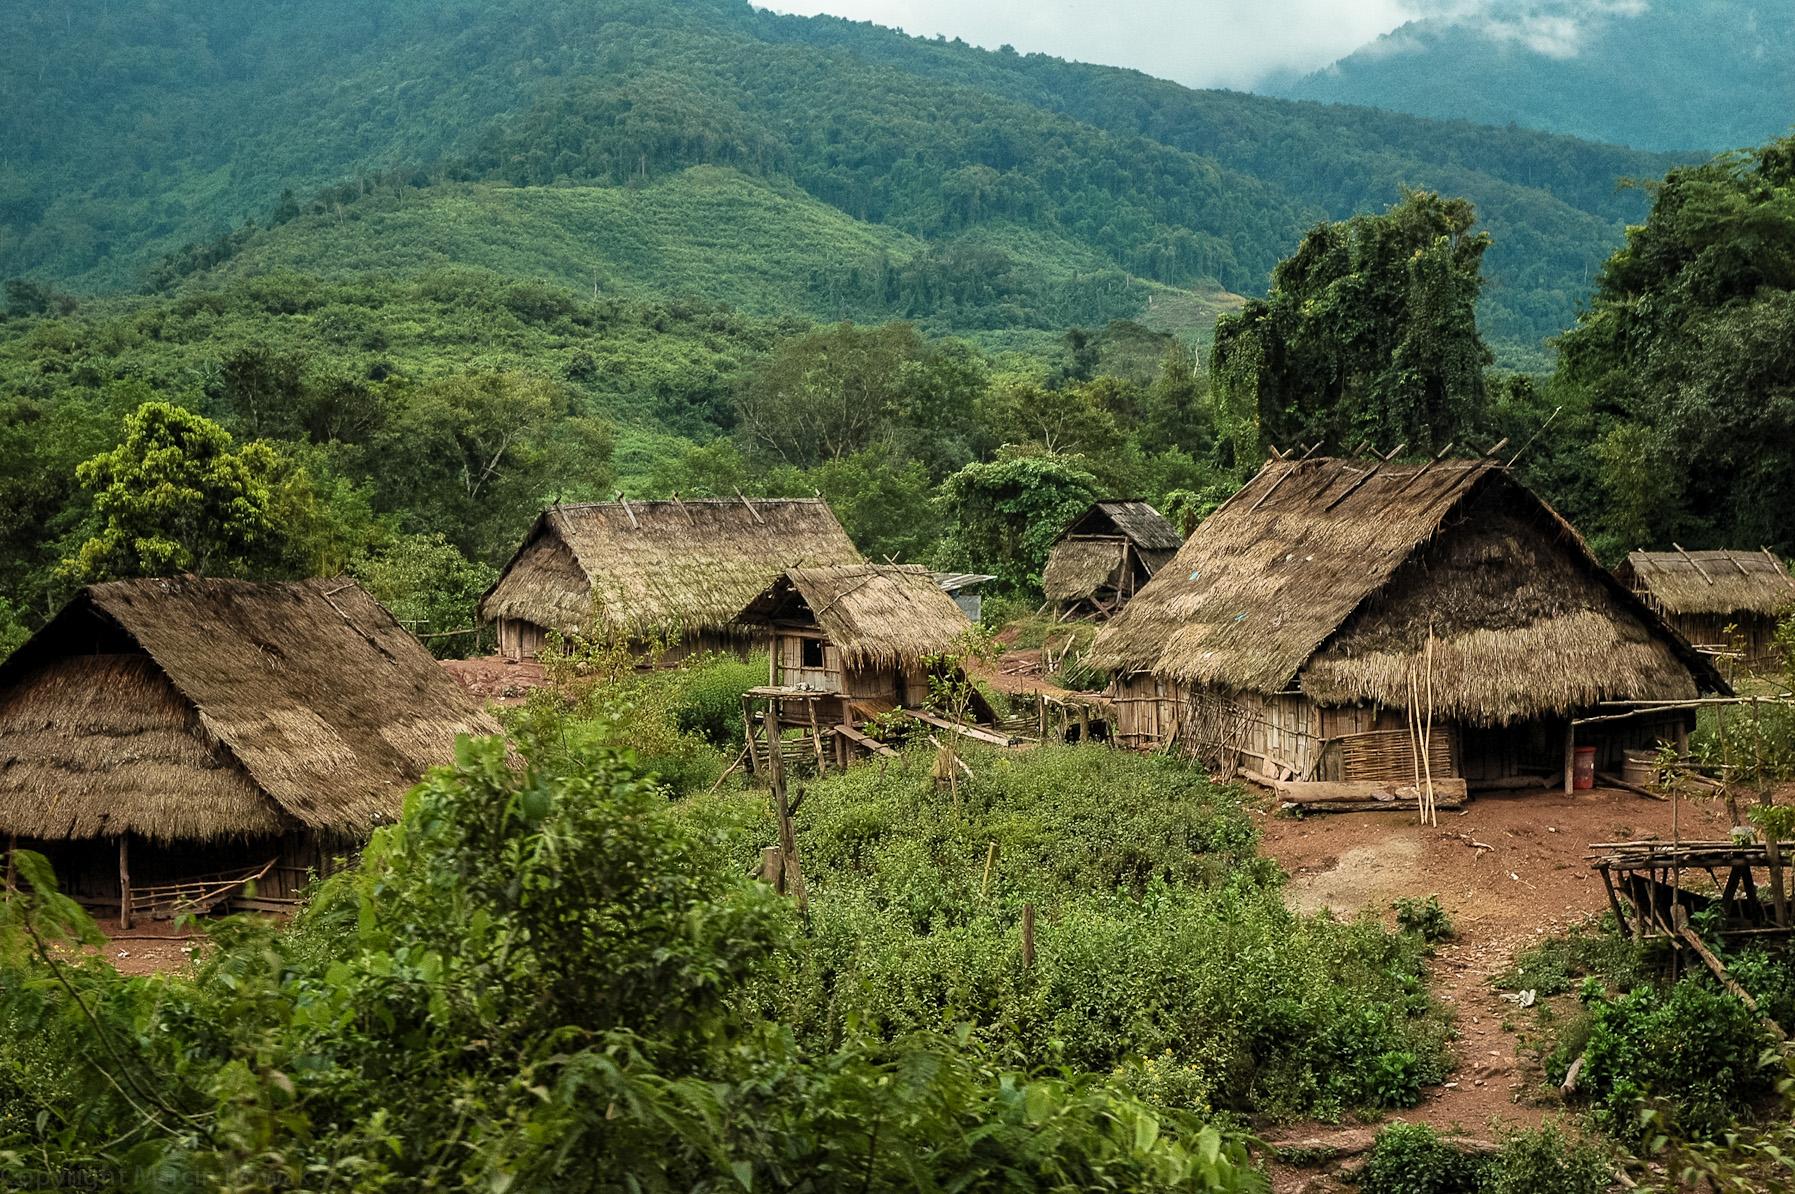 Wioska w górach Laosu